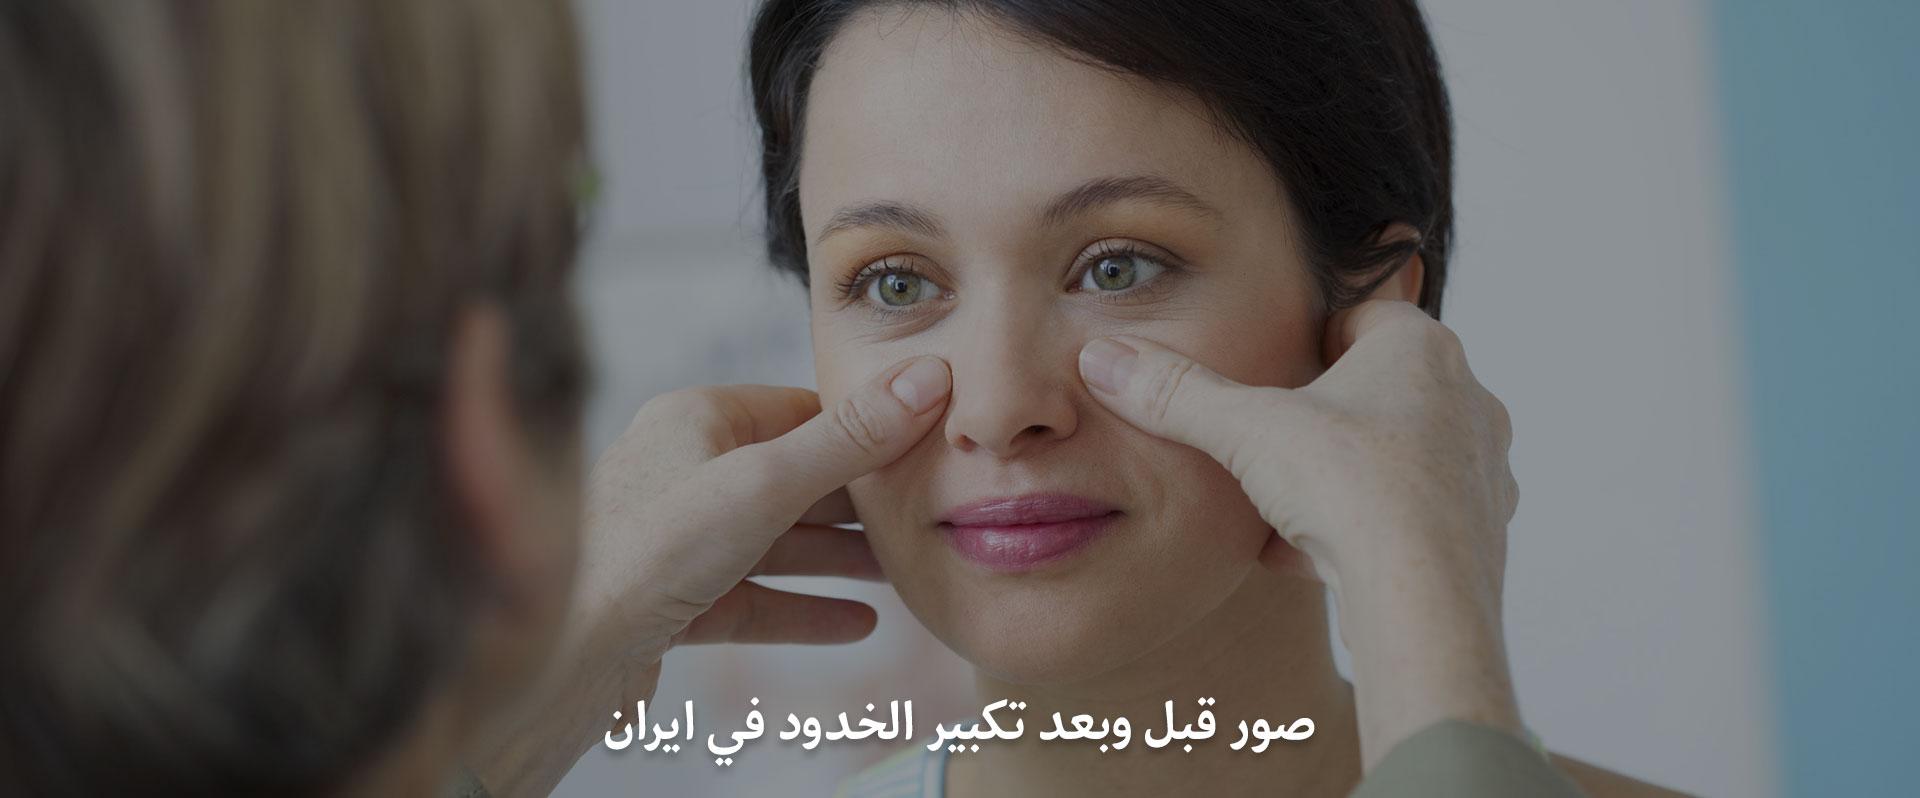 صور قبل وبعد تكبير الخدود في ايران